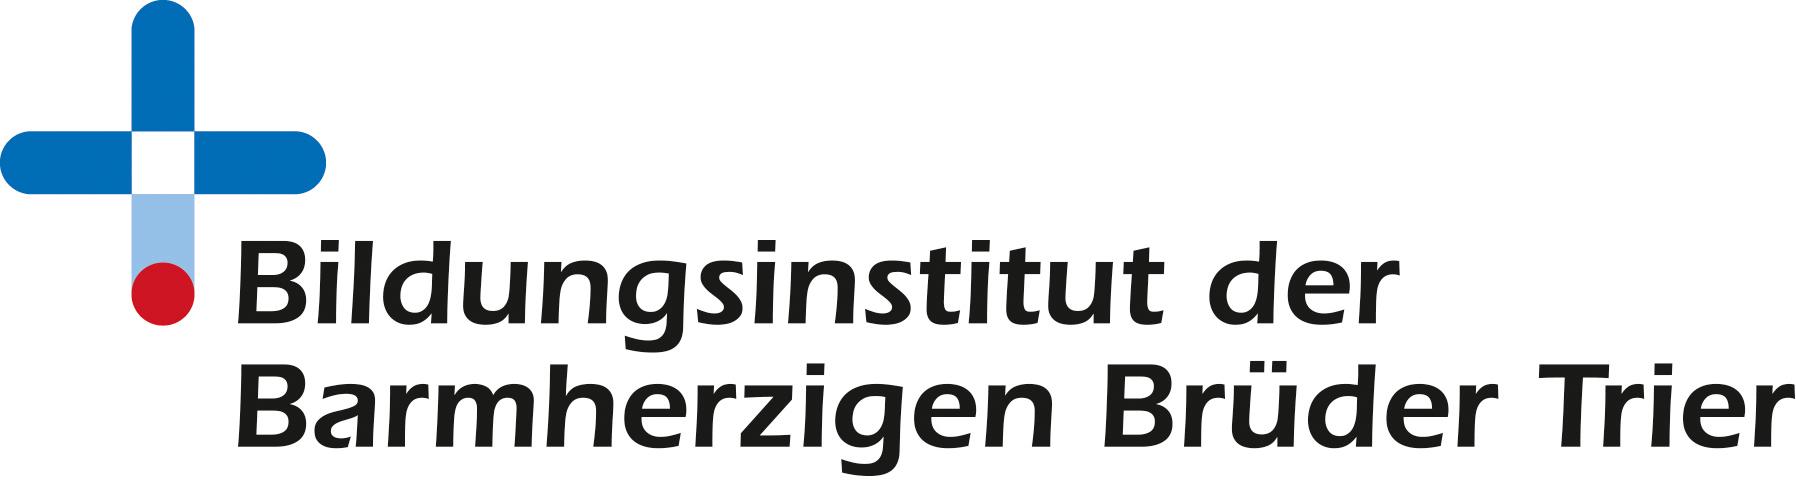 Ift Institut Für Talententwicklung Wegbereiter Für Die Berufliche